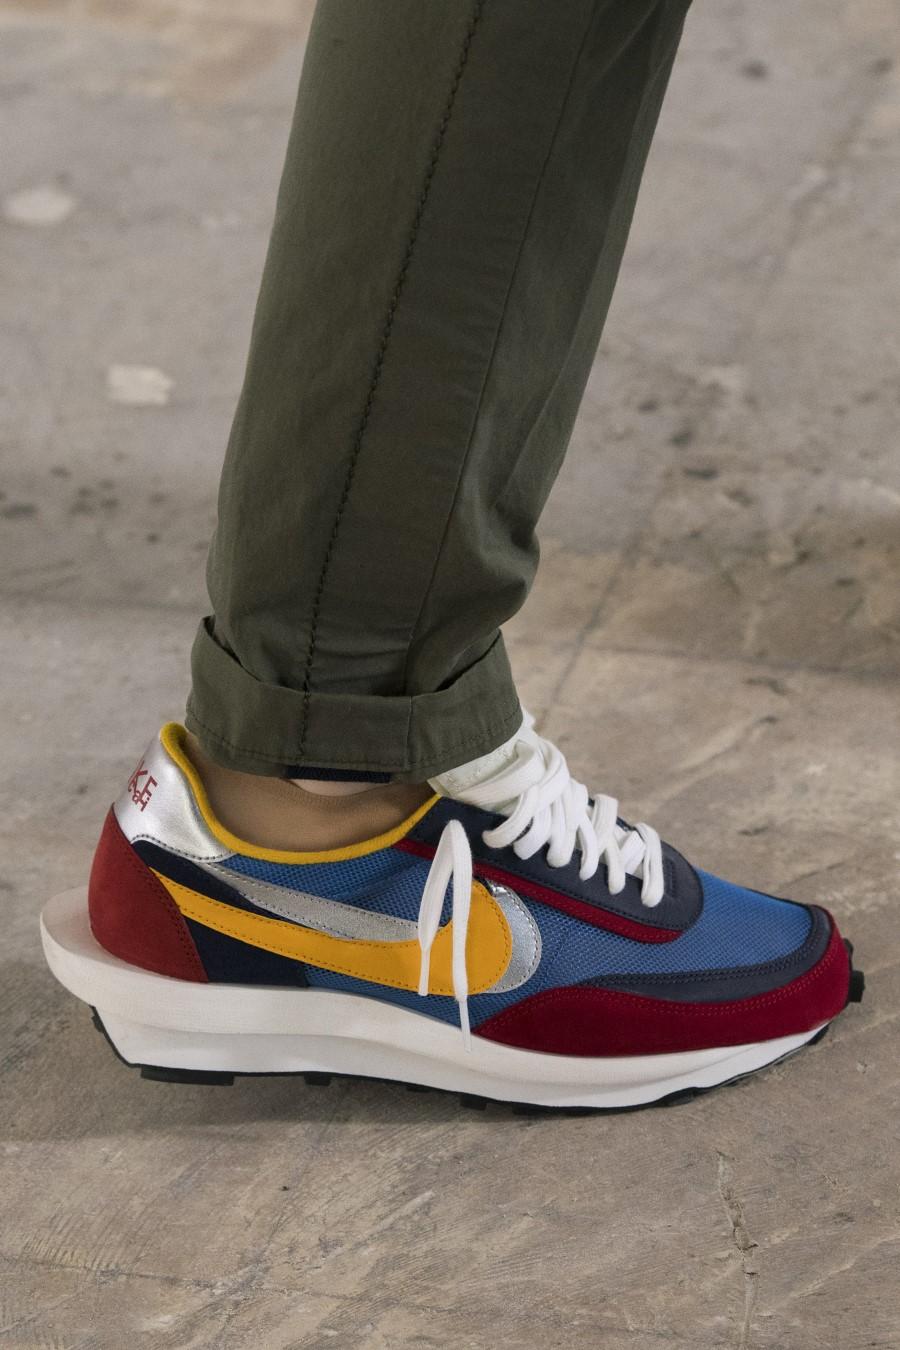 Nouvelle Collaboration Nike X Sacai Pour Printemps/Été 2019 ...